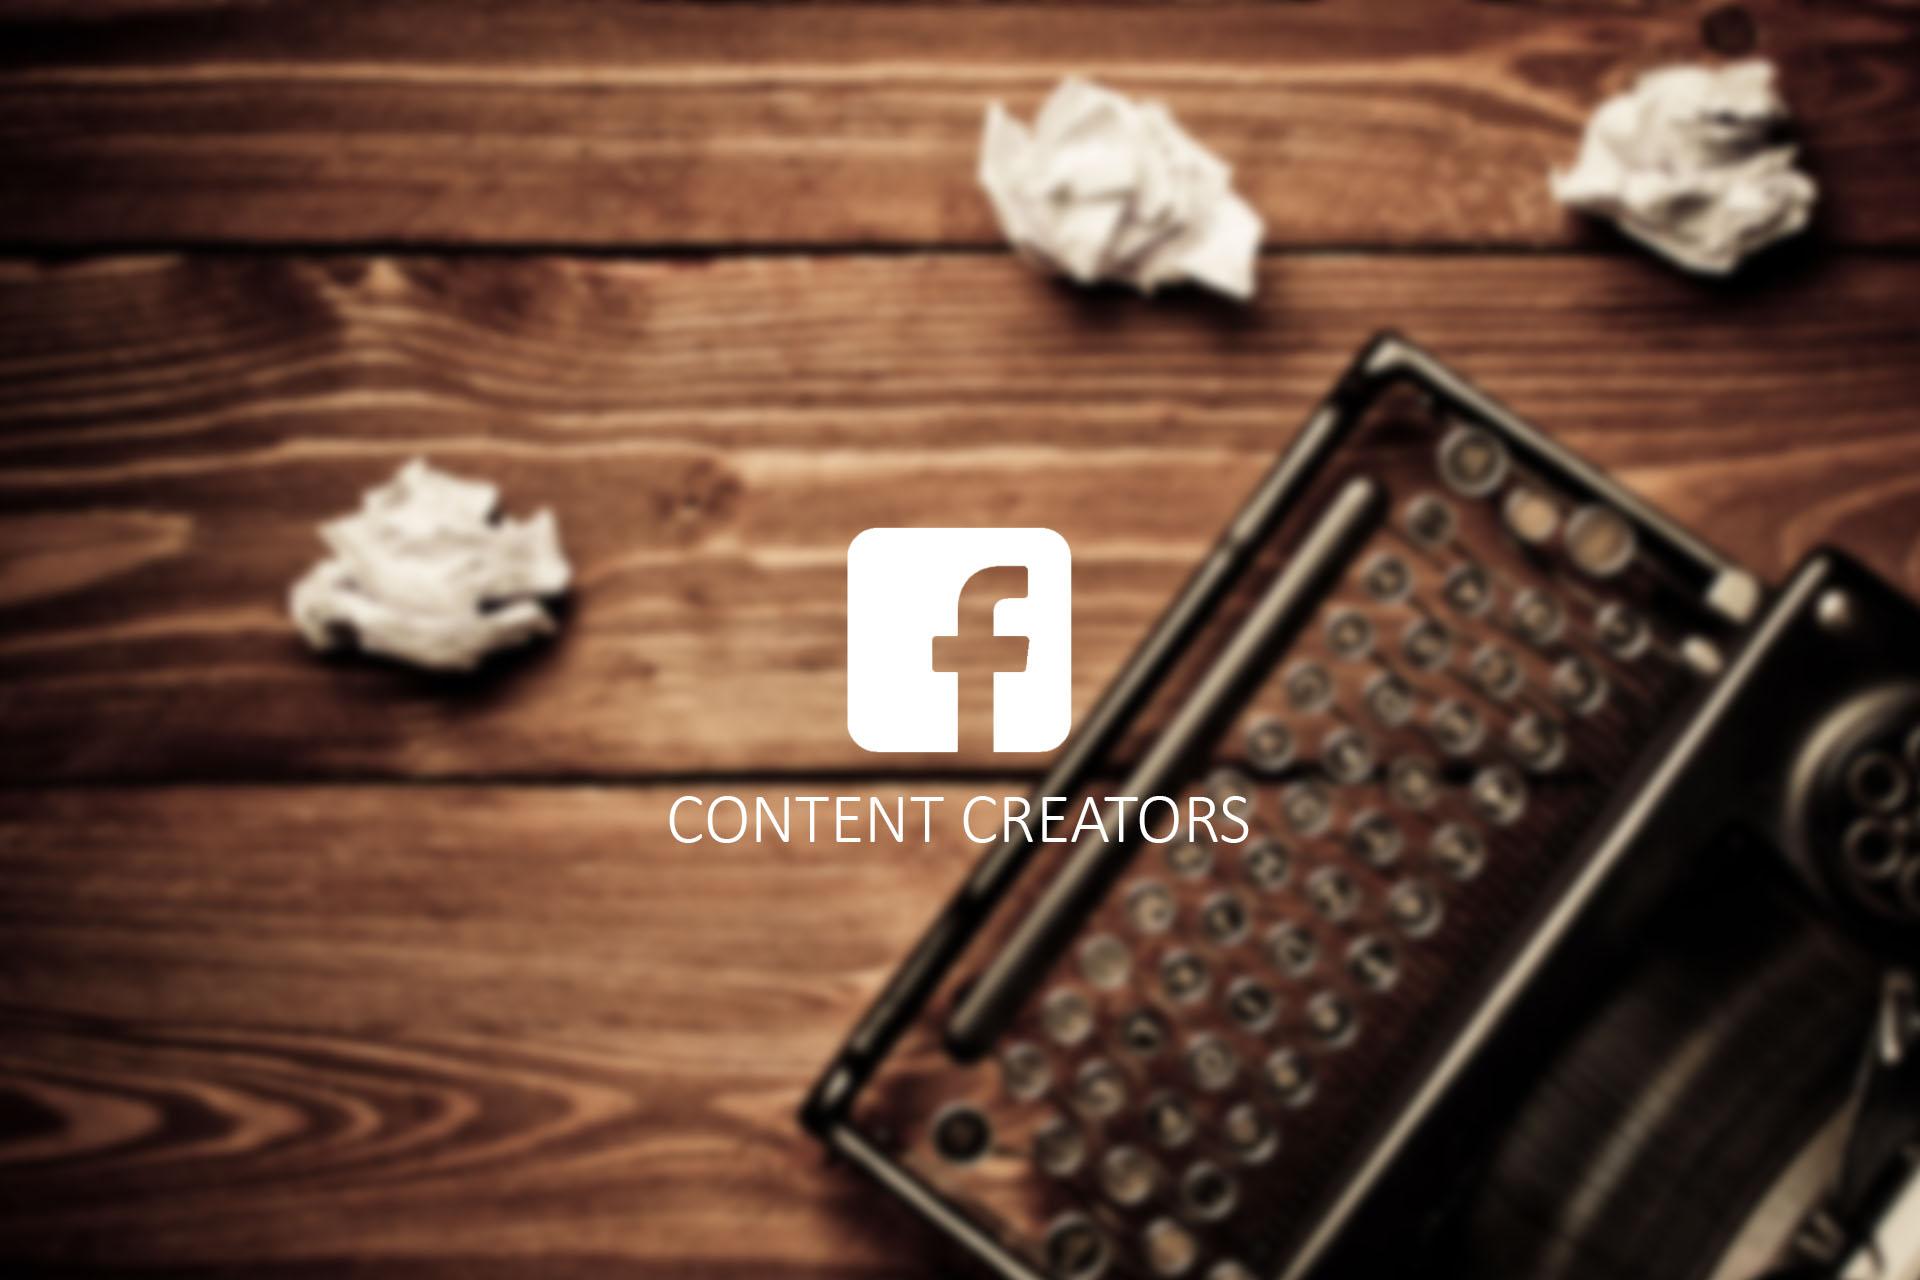 Facebook quiere Creadores de Contenido